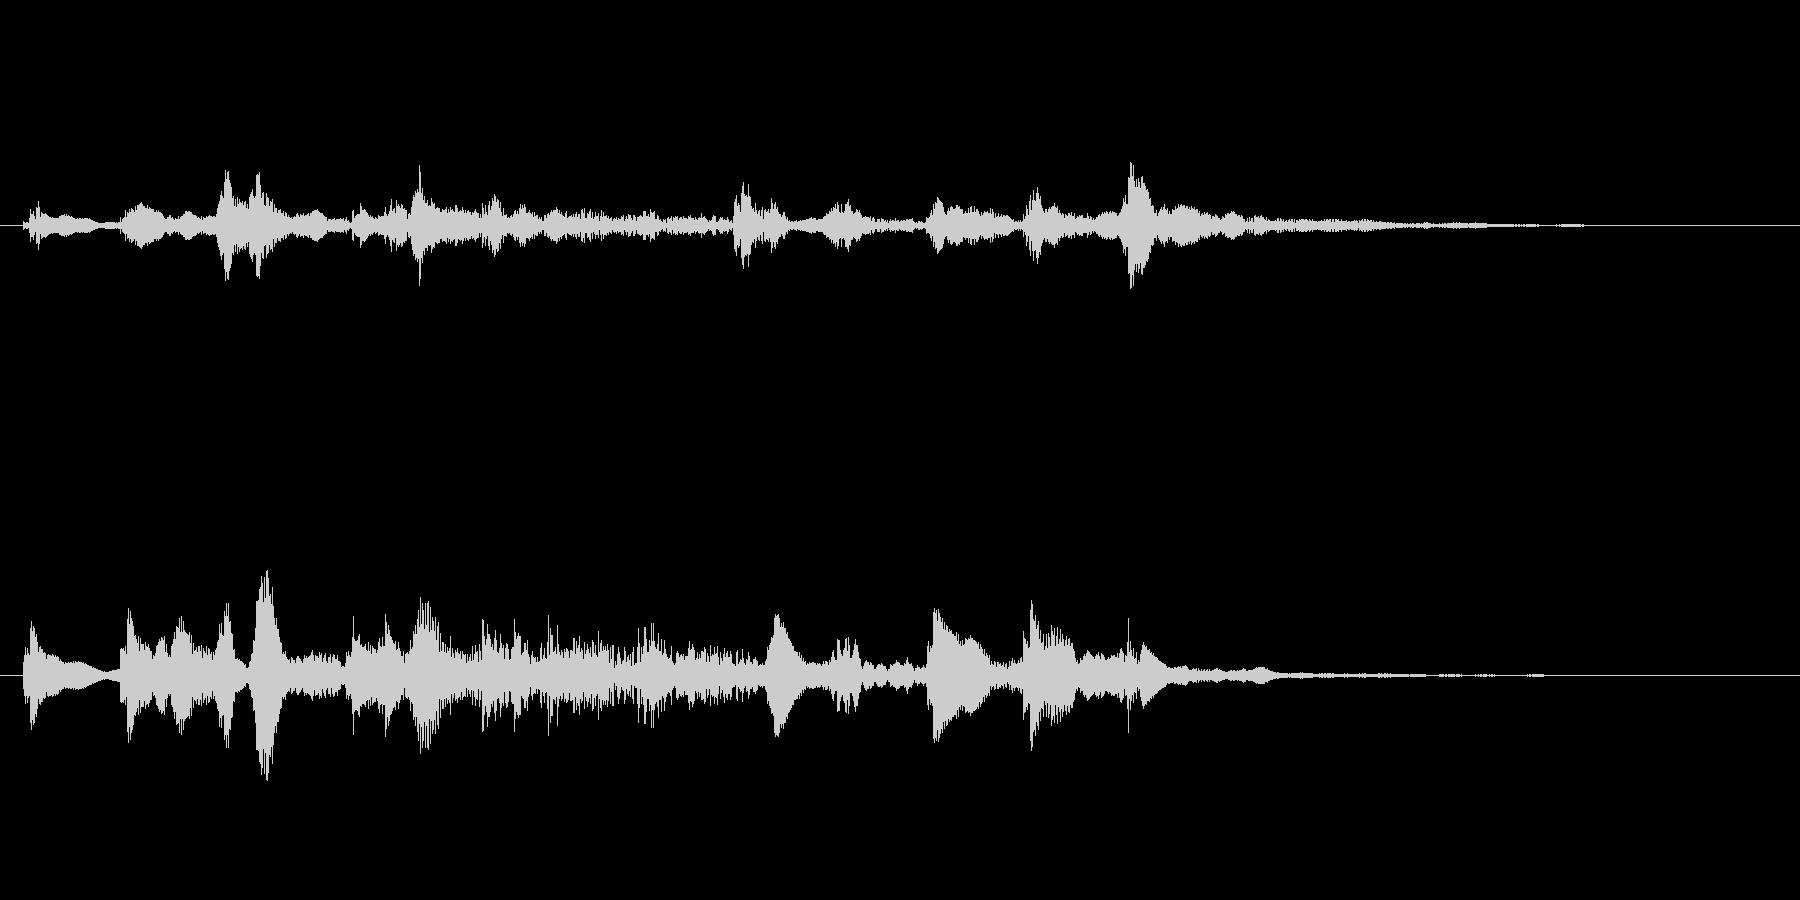 鈍い音のベル 不思議なカランコロンの未再生の波形